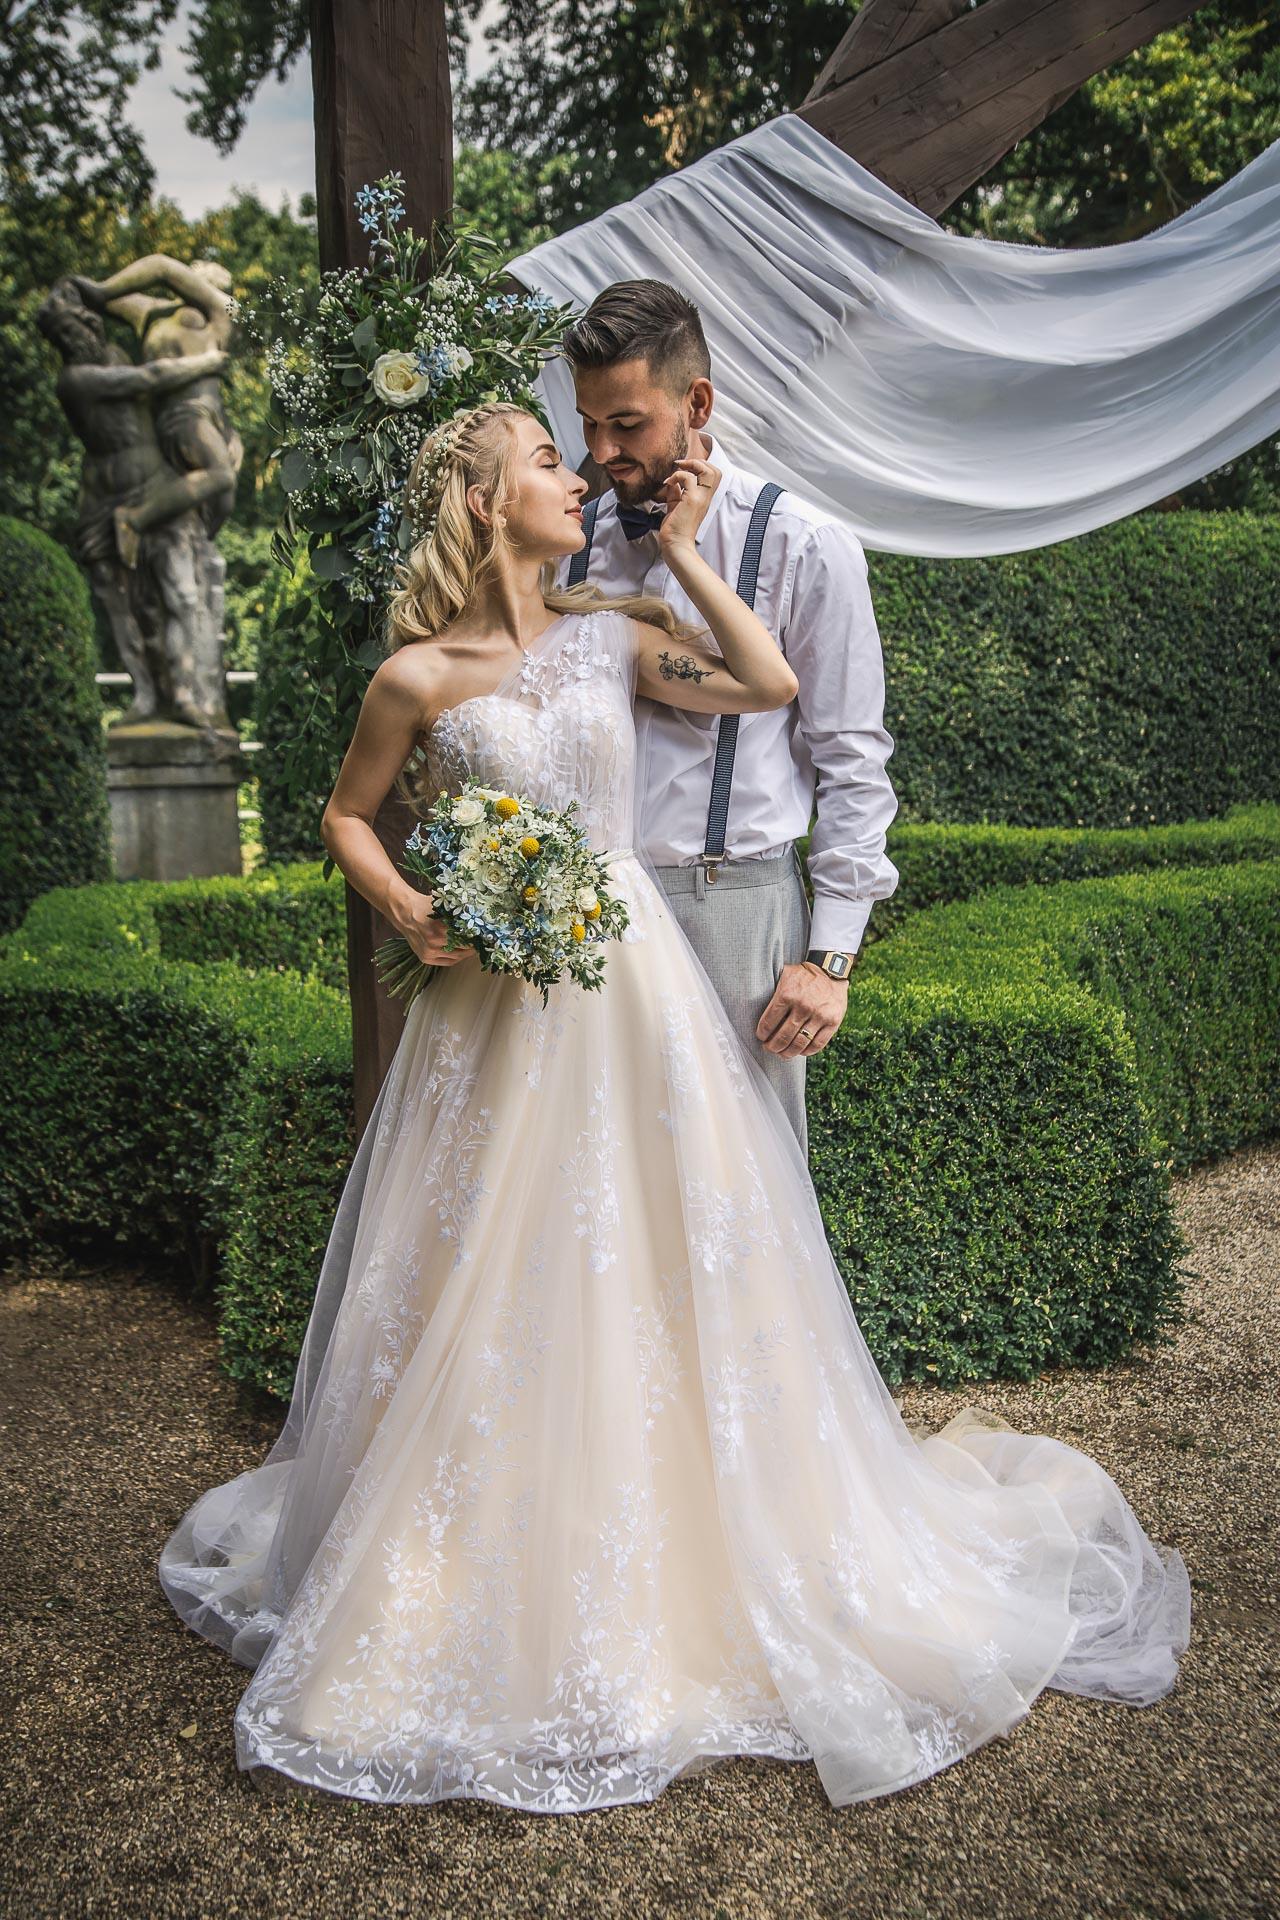 svatební-fotograf-zámek-Loučeň-svatební-video-zámek-Loučeň-4157